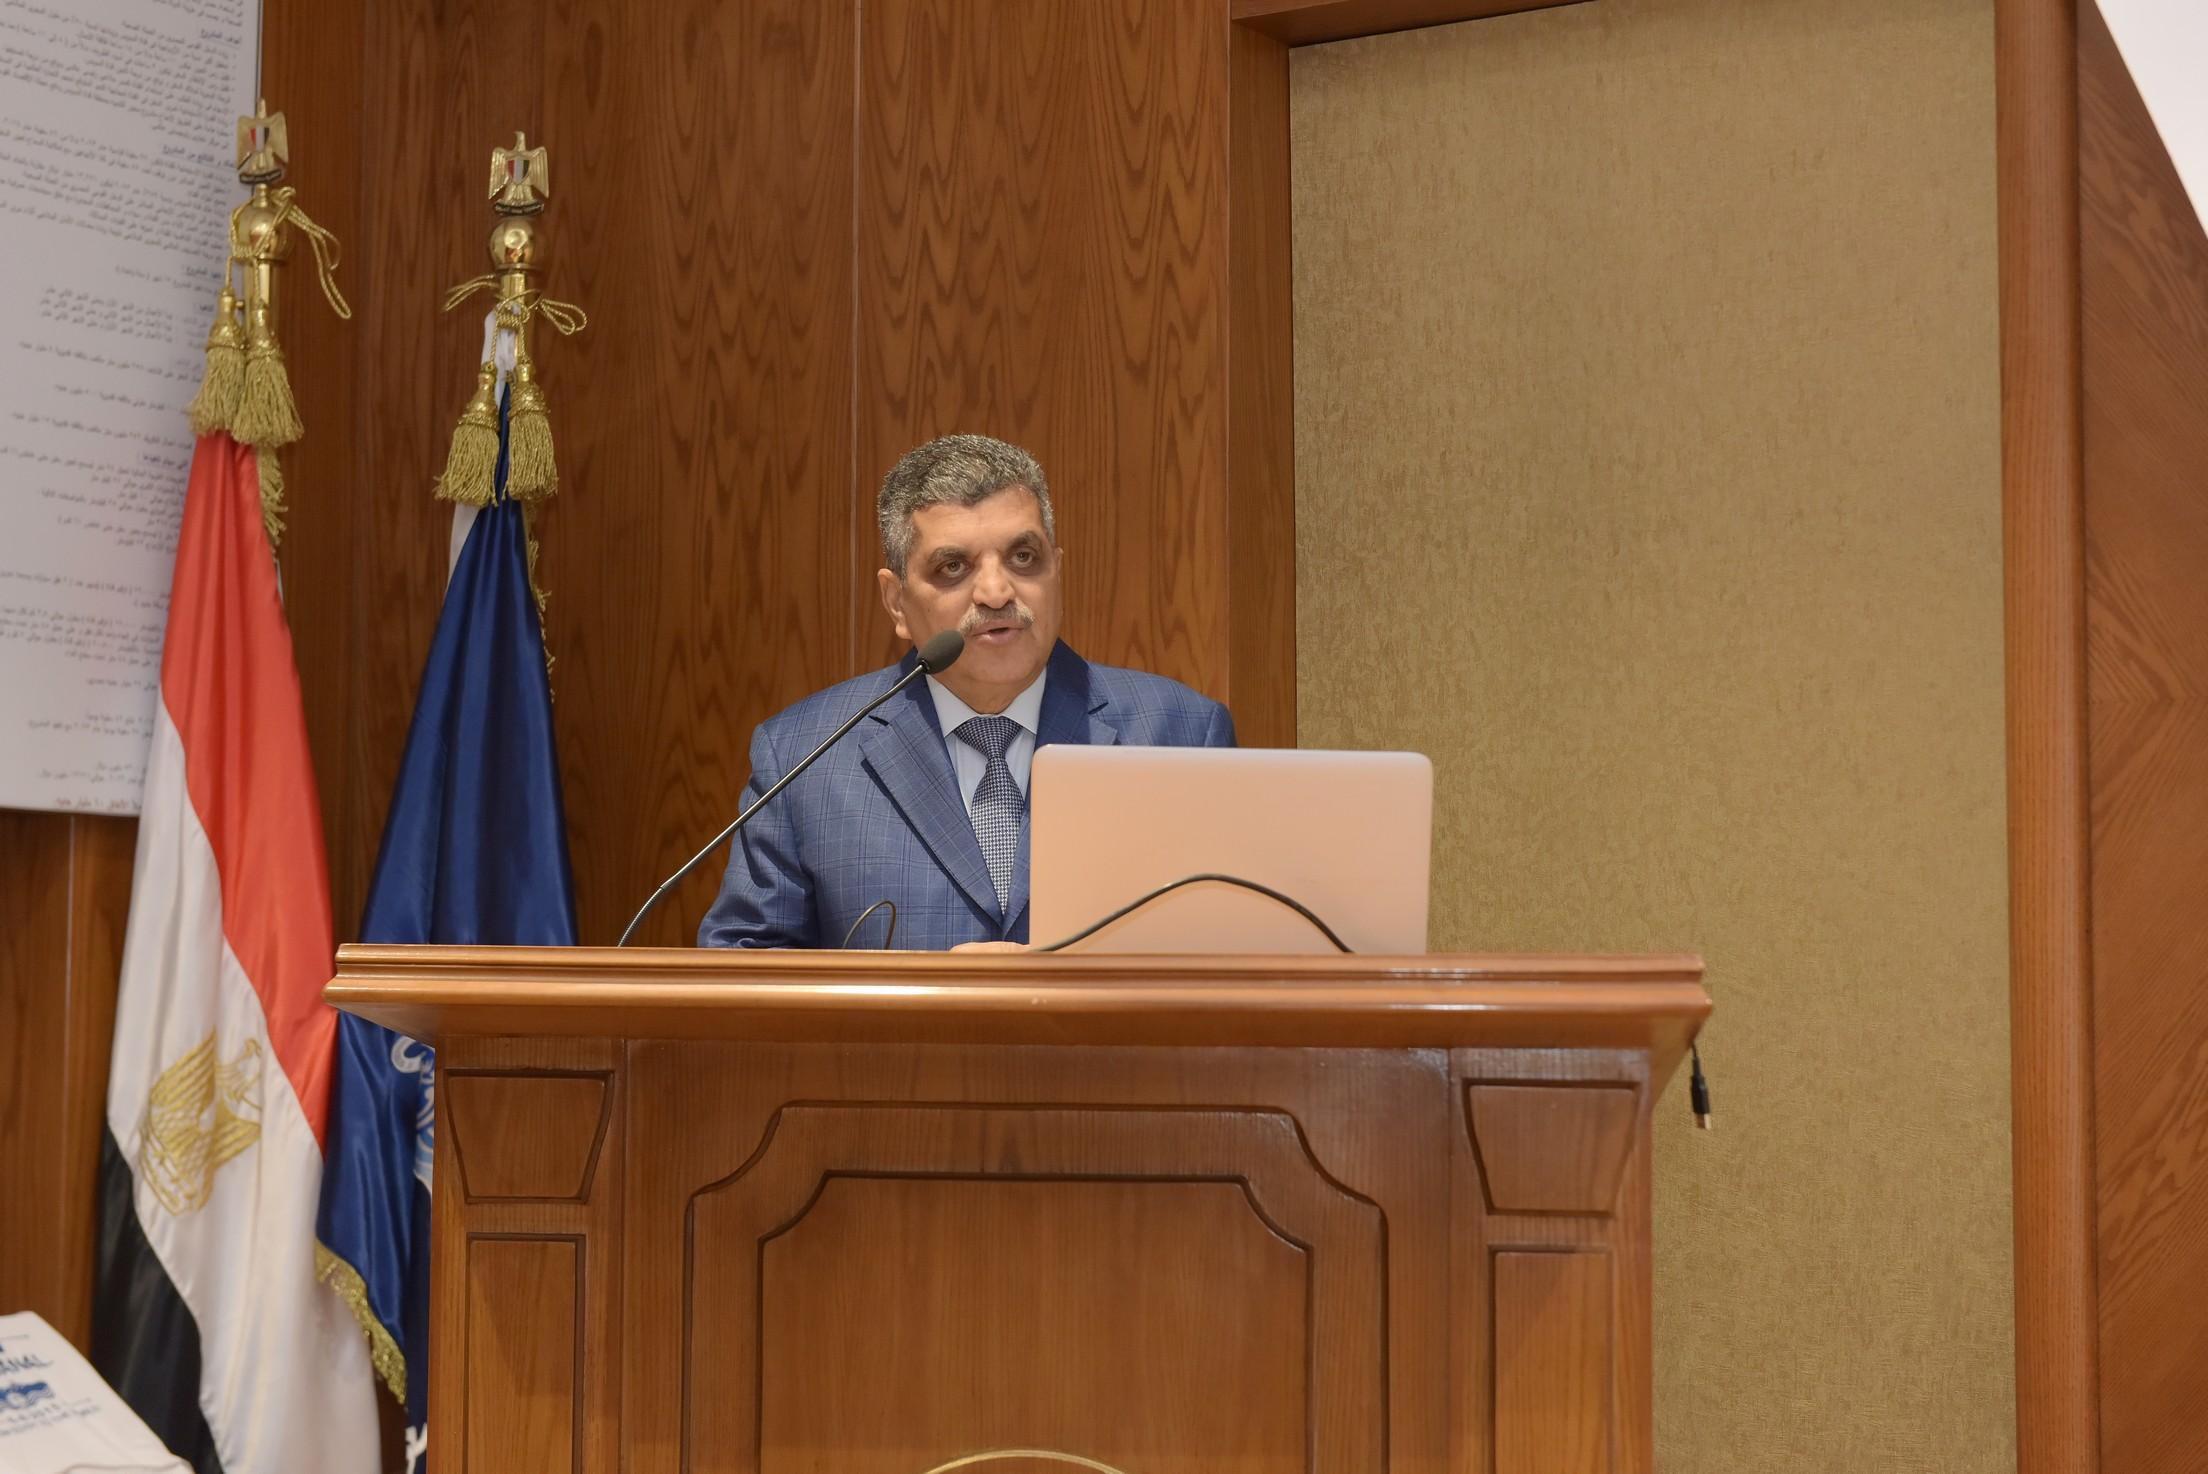 رئيس هيئة قناة السويس يستقبل وفد المشاركين في المنتدى الإفريقيالسادس  (4)